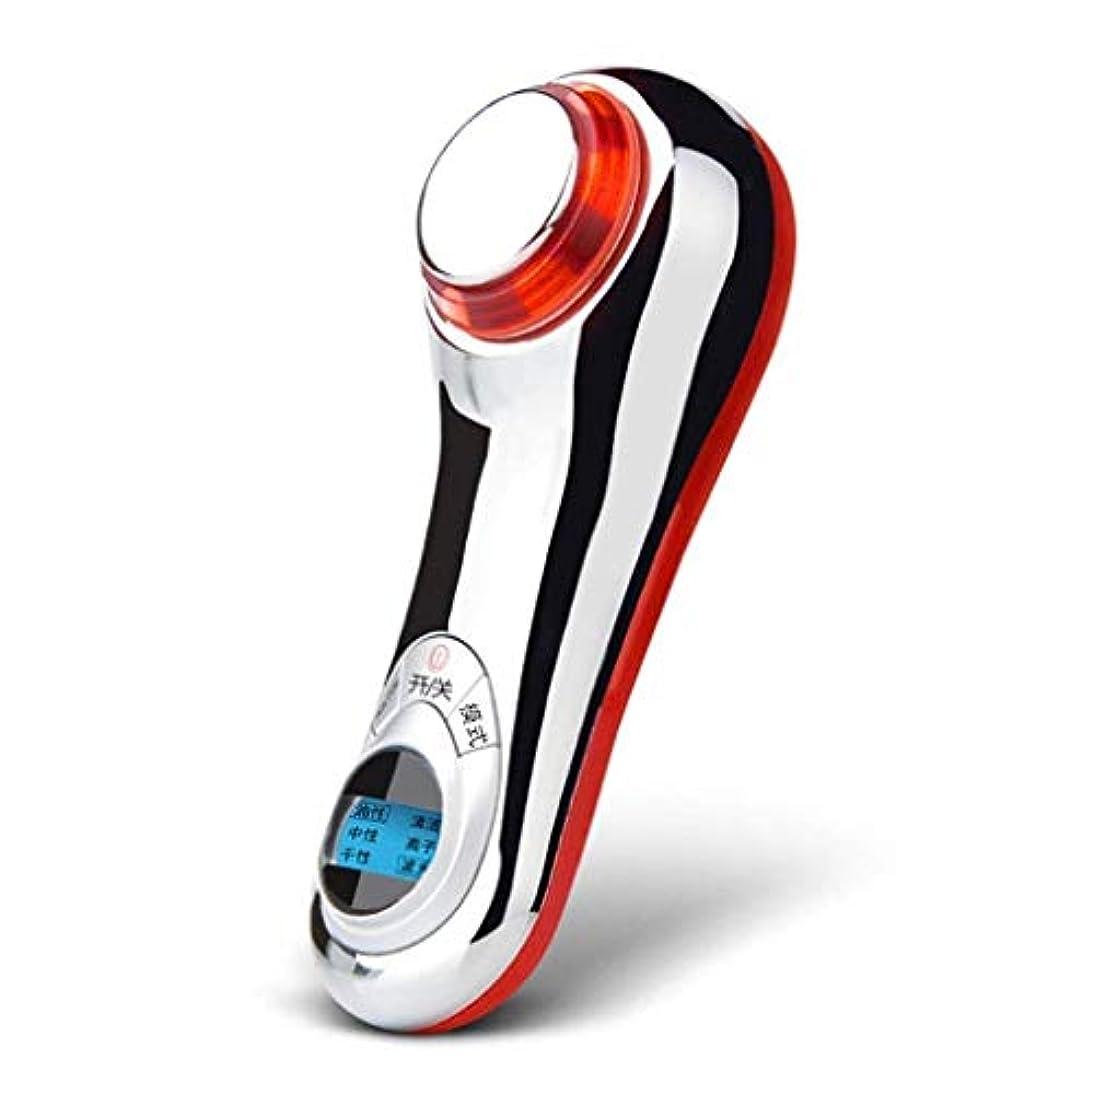 スキーム穿孔するスリルソニックフェイシャルマッサージデバイス、イオン注入フェイシャルバイブレーションディープクレンジングスパビューティーインストゥルメント (Color : 赤)